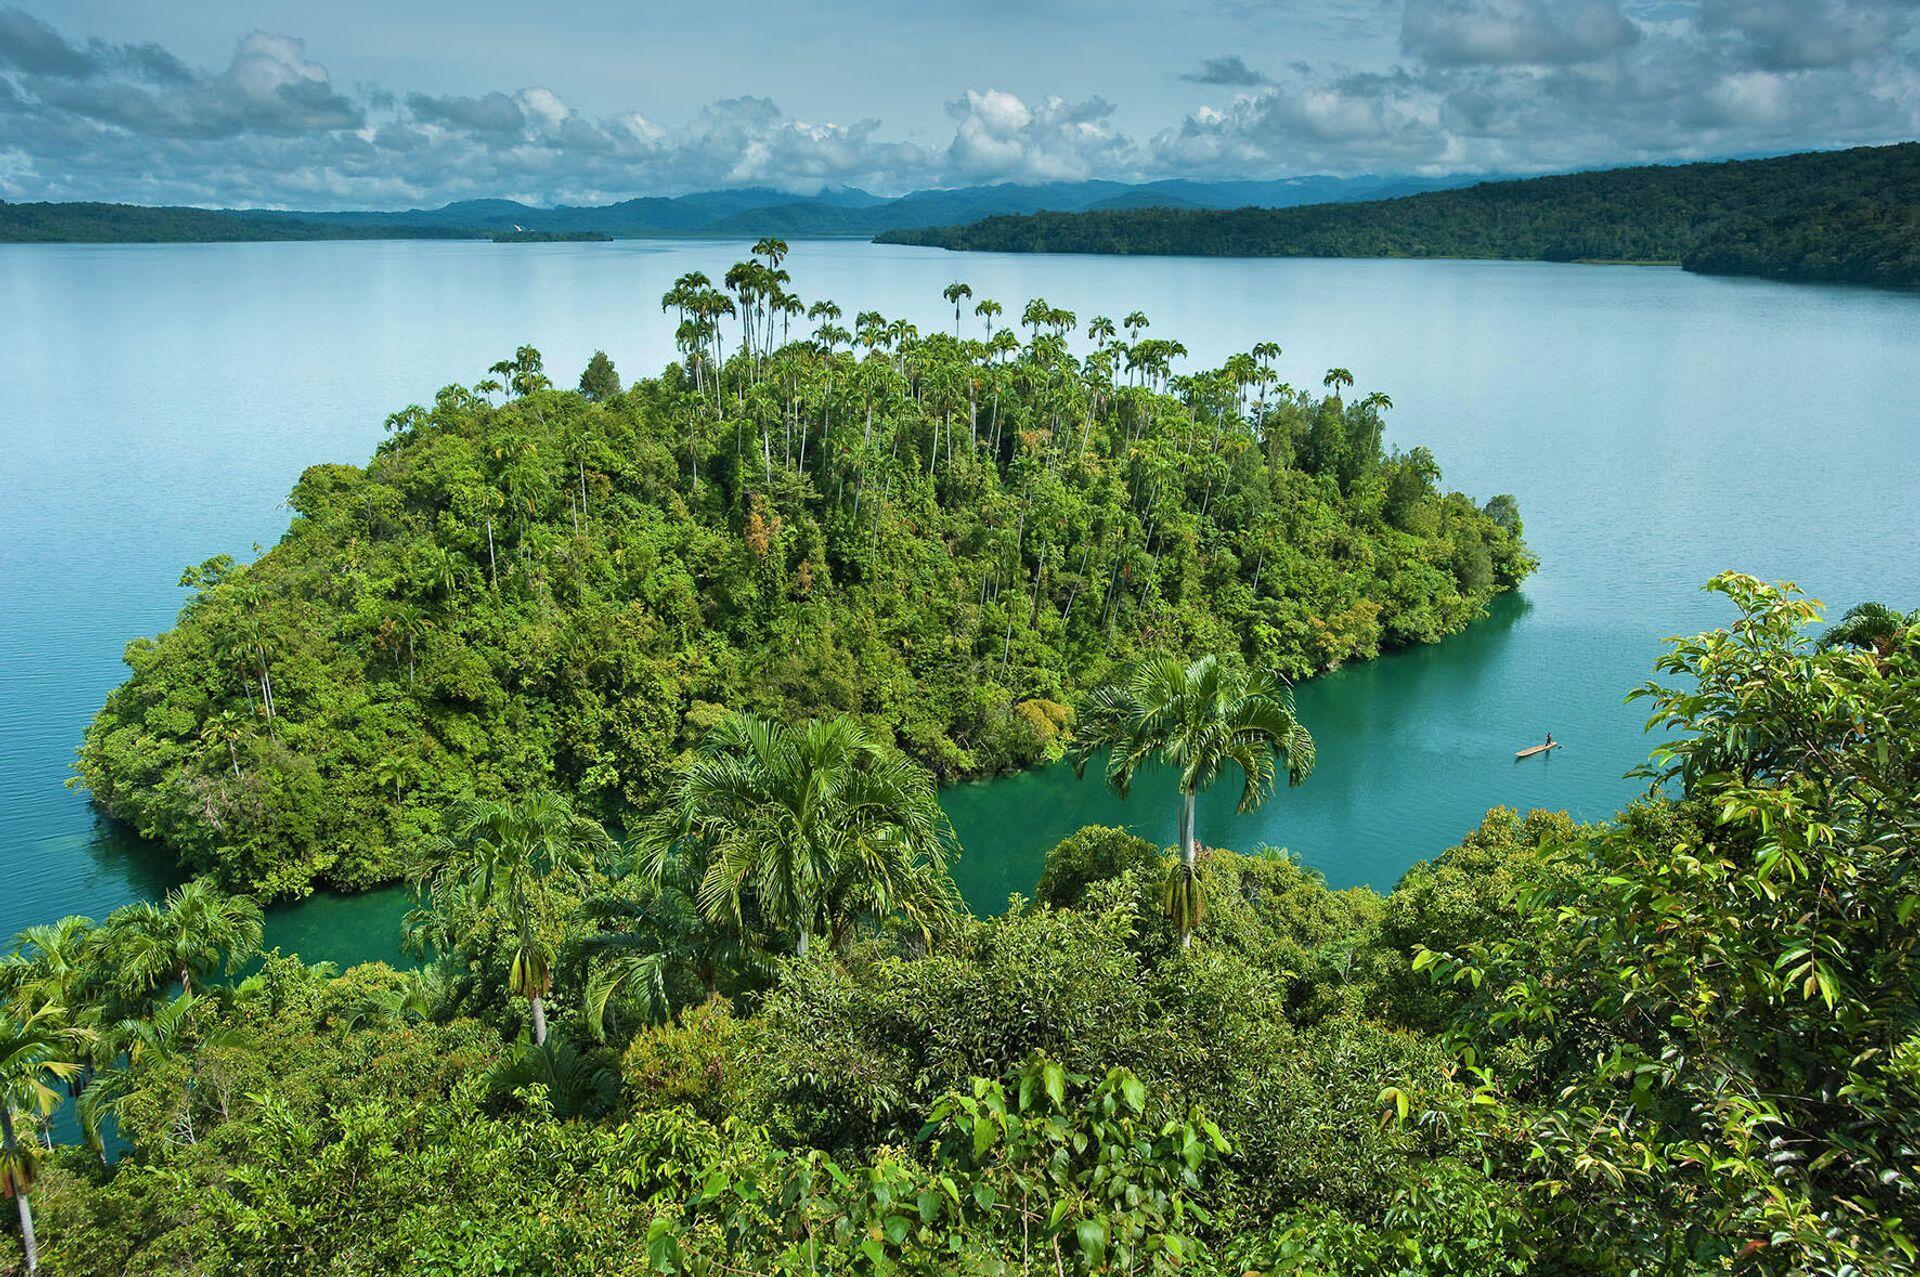 Папуа-Новая Гвинея, остров Кутубу - РИА Новости, 1920, 16.07.2021